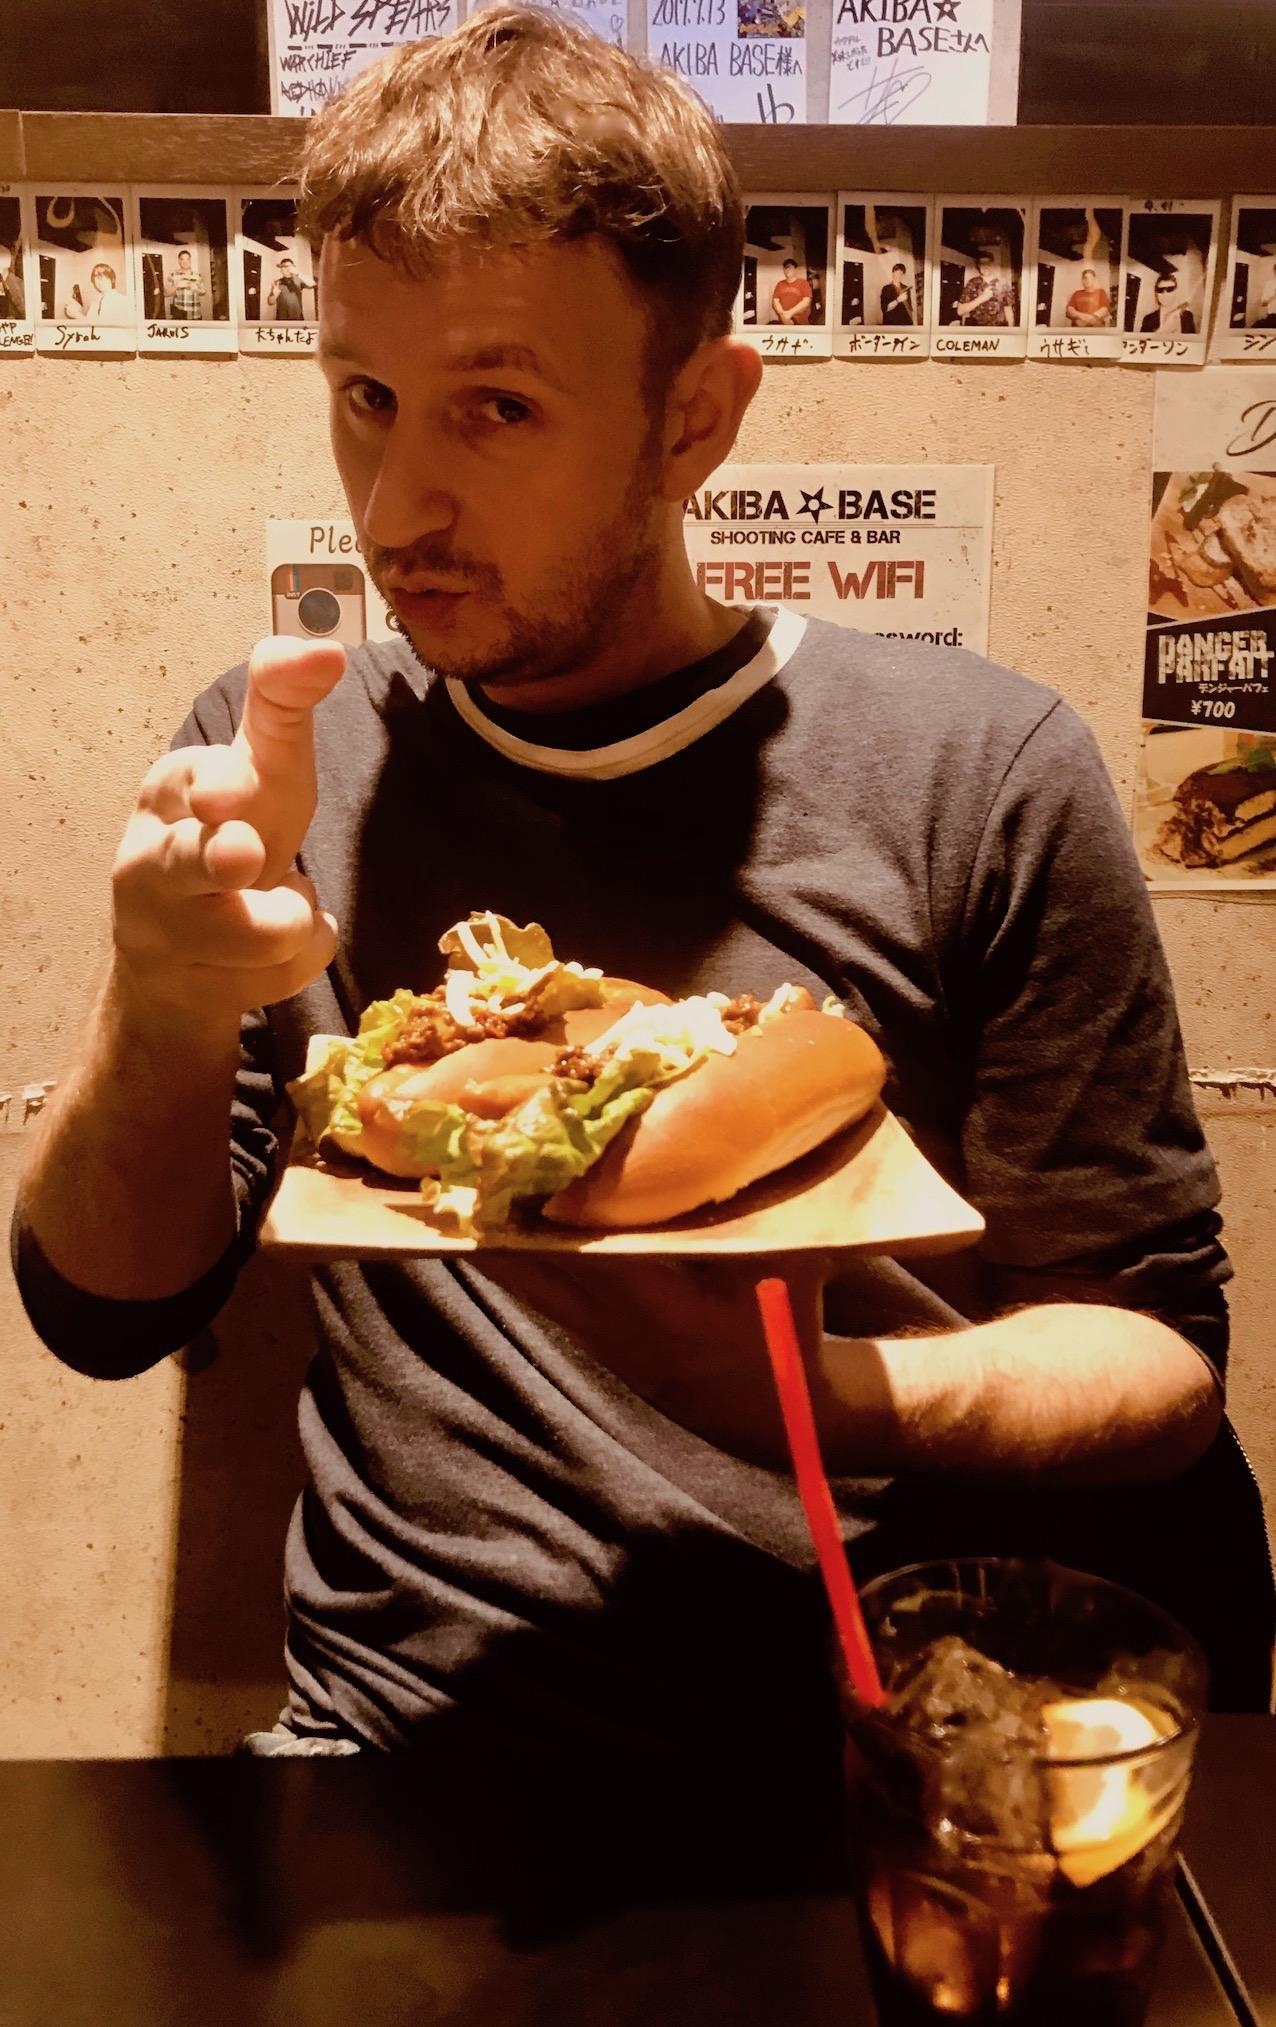 Hot dogs at Akiba Base Shooting Cafe & Bar Akihabara Tokyo